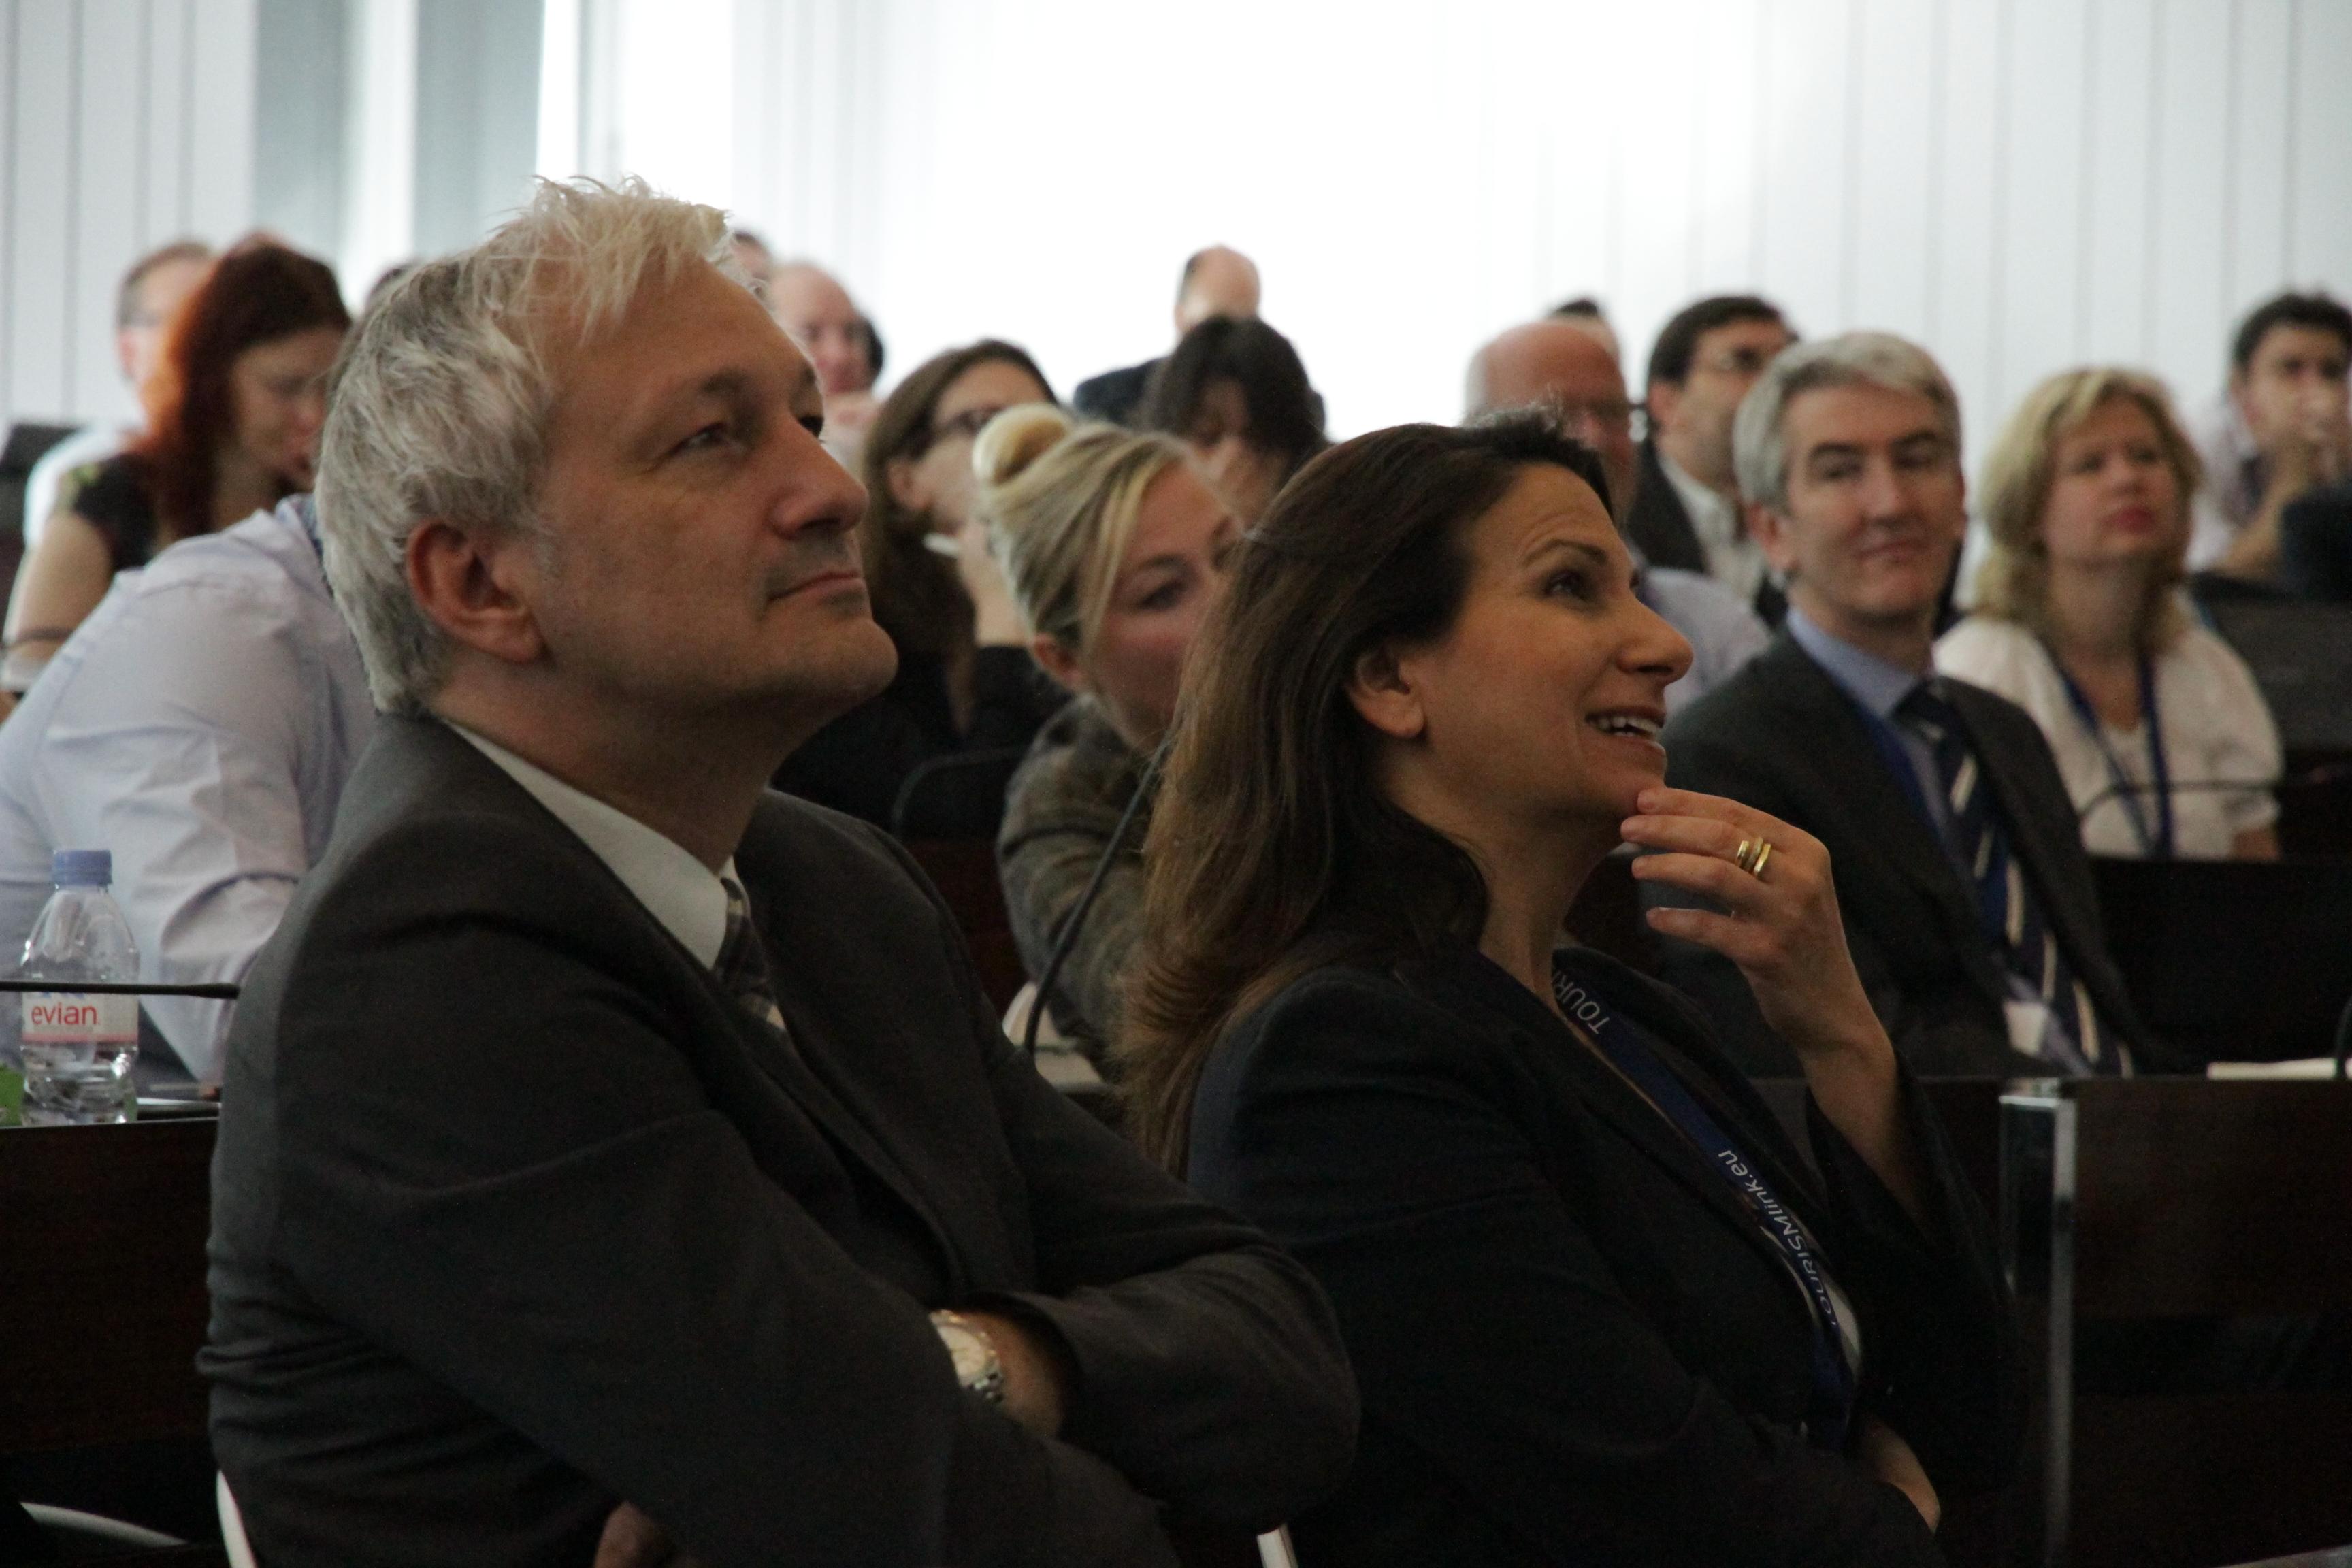 Profesionales europeos de la industria turística asistieron a la convención.